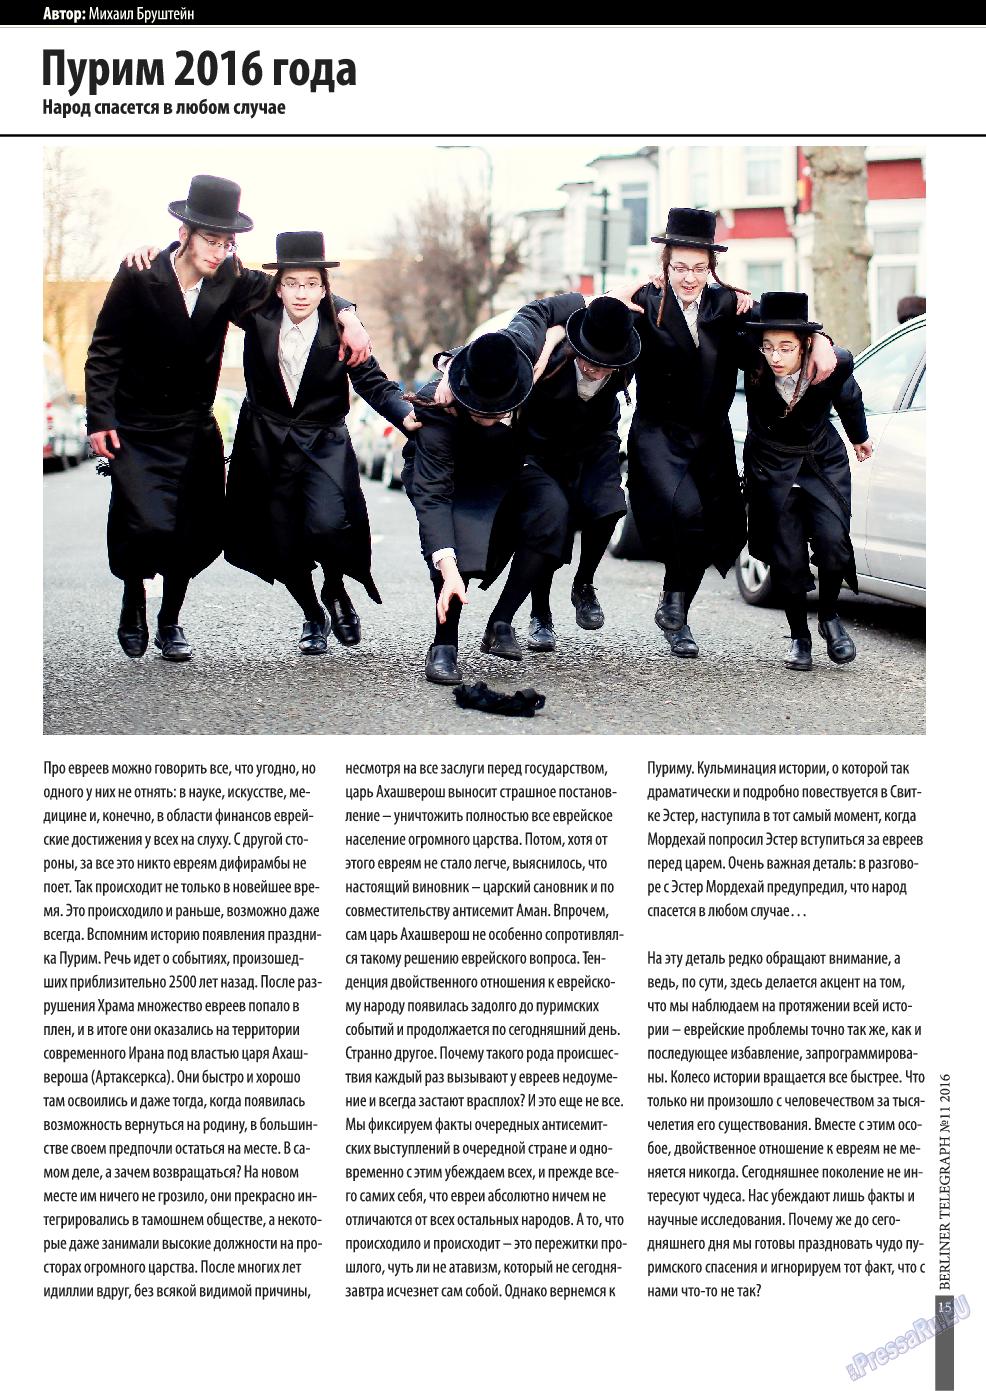 Берлинский телеграф (журнал). 2016 год, номер 12, стр. 15